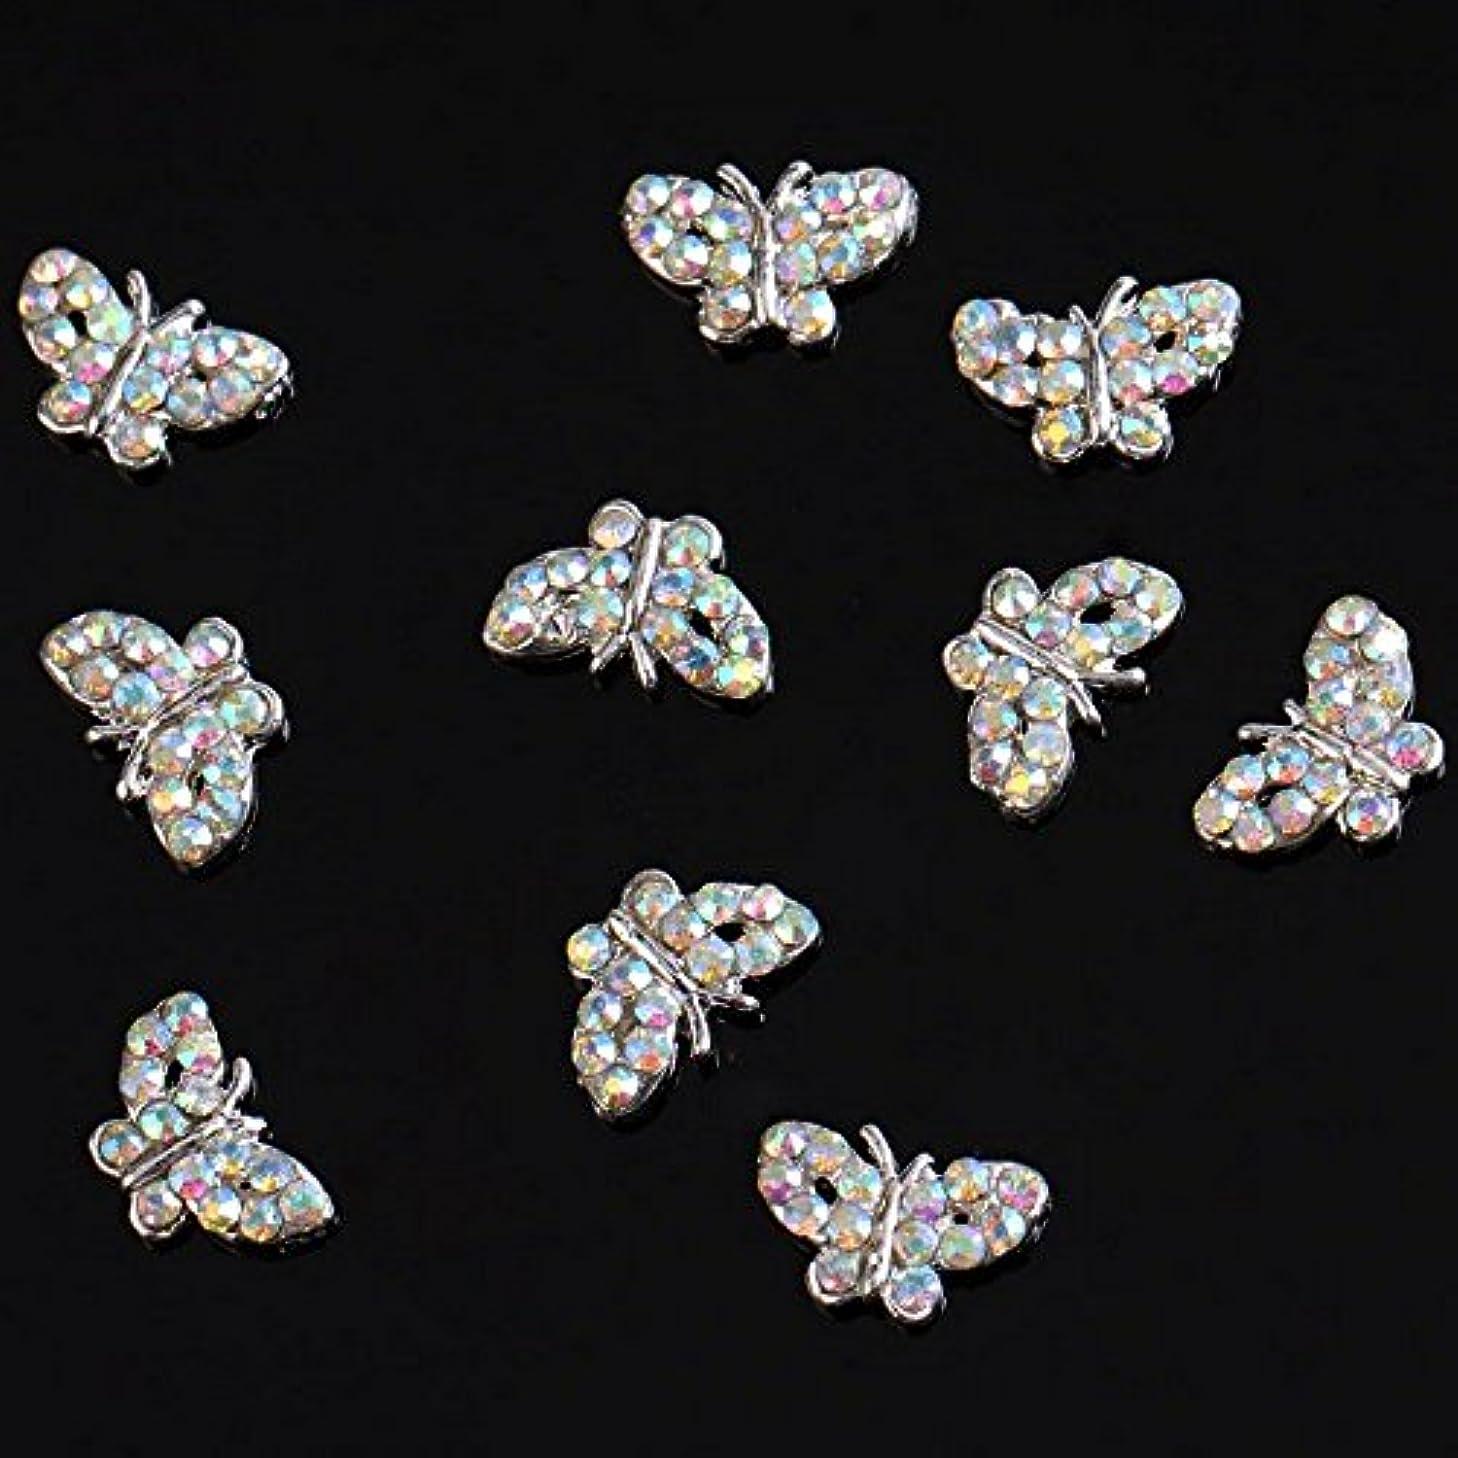 反応する繊維アダルトCikuso Cikuso(R)バタフライビーズ10個シルバー3D合金ネイルアートスライスグリッターDIY装飾品